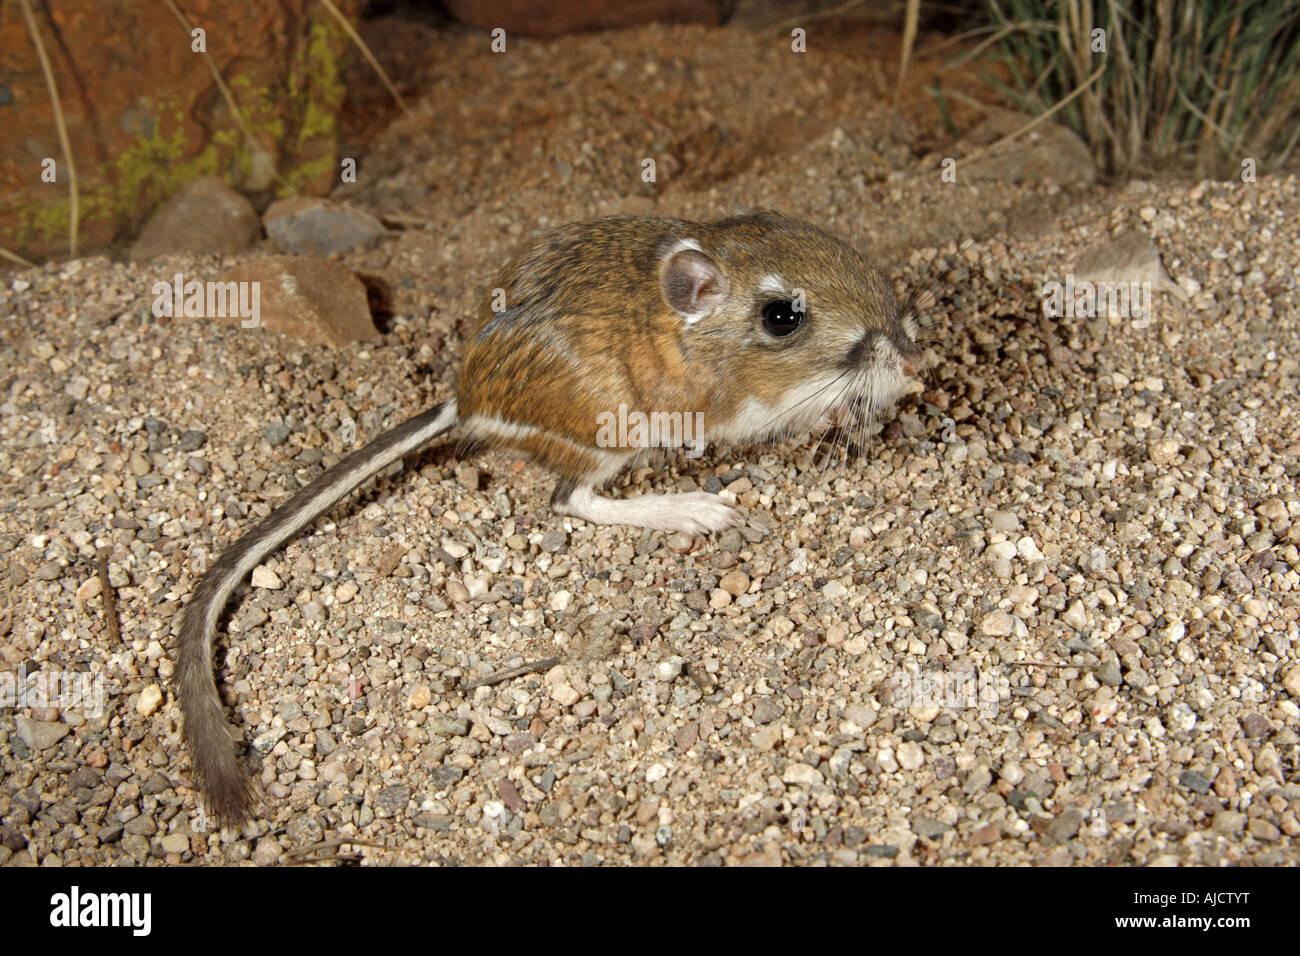 Kangaroo Rat Arizona Stock Photos & Kangaroo Rat Arizona ...